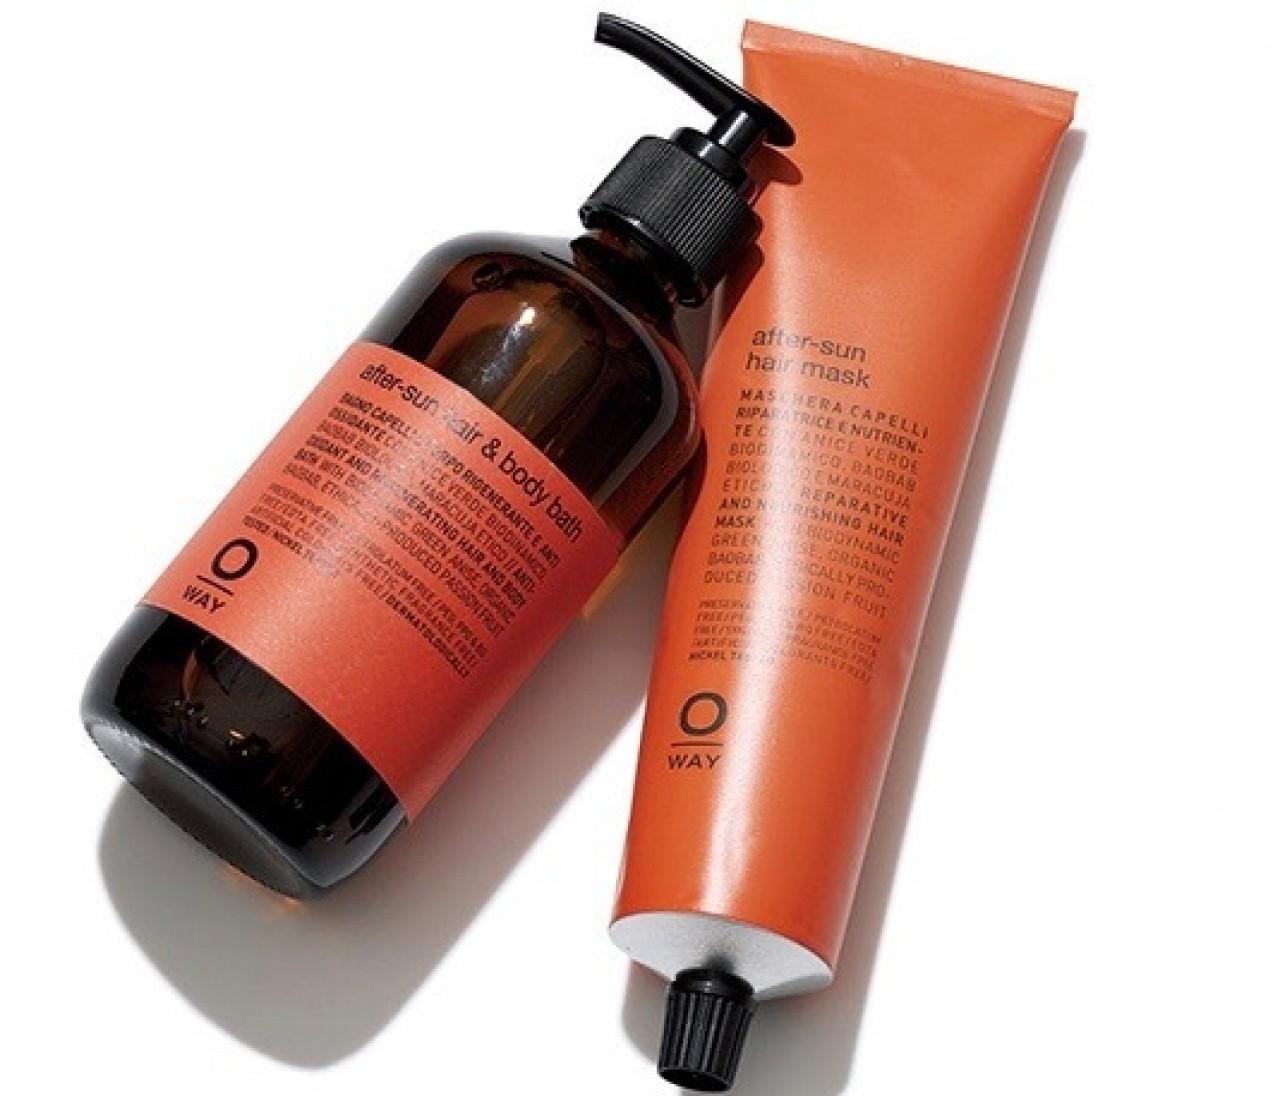 プロ直伝! つやゆるヘアになれる簡単UVケア&保湿テク5【モテる髪型よりも、モテる髪質②】